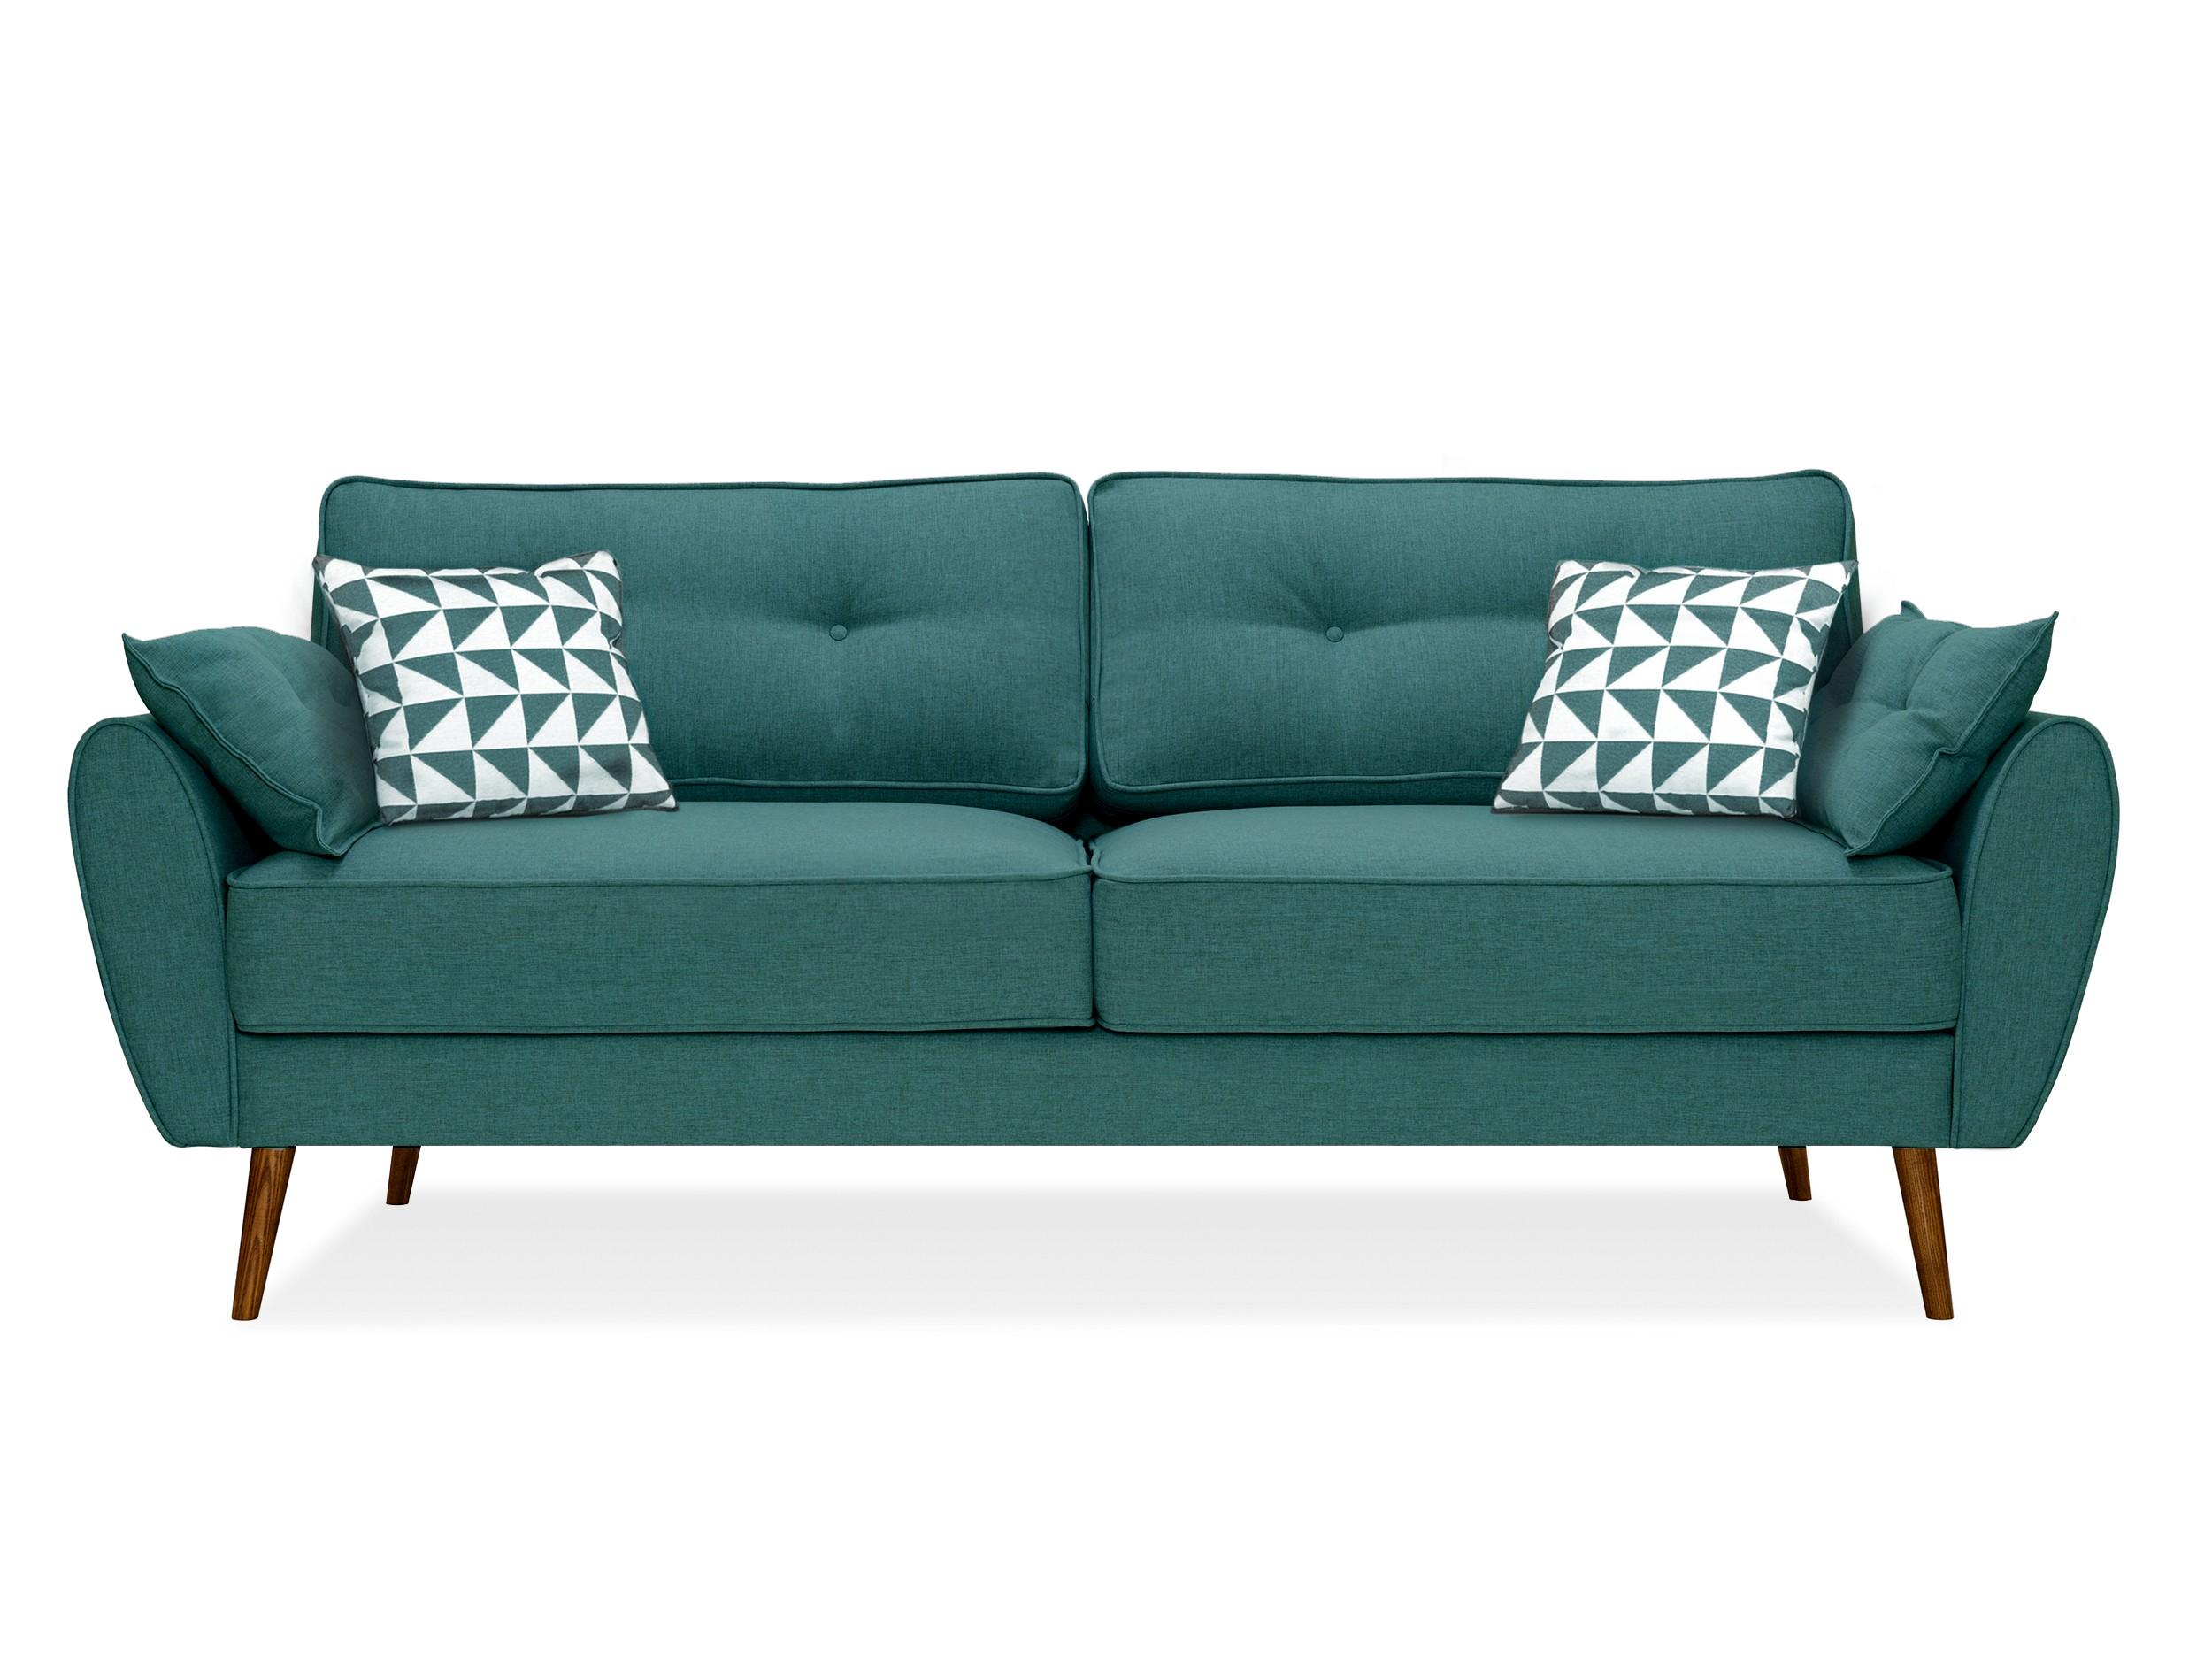 Диван VogueТрехместные диваны<br>&amp;lt;div&amp;gt;Современный диван с легким намеком на &amp;quot;ретро&amp;quot; идеально подойдет для городских квартир. У него скругленные подлокотники, упругие подушки и как раз та длина, чтобы вы могли вытянуться в полный рост. &amp;amp;nbsp;Но благодаря высоким ножкам &amp;quot;Vogue&amp;quot; выглядит лаконично и элегантно. Специально для этой серии наши стилисты подобрали 10 модных оттенков практичной рогожки.&amp;amp;nbsp;&amp;lt;/div&amp;gt;&amp;lt;div&amp;gt;&amp;lt;br&amp;gt;&amp;lt;/div&amp;gt;Корпус: фанера, брус. Ножки: дерево.&amp;lt;div&amp;gt;Ткань: рогожка, устойчивая к повреждениям&amp;lt;br&amp;gt;&amp;lt;div&amp;gt;Цвет: lama_20_00&amp;lt;/div&amp;gt;&amp;lt;/div&amp;gt;<br><br>Material: Текстиль<br>Length см: None<br>Width см: 226<br>Depth см: 91<br>Height см: 88